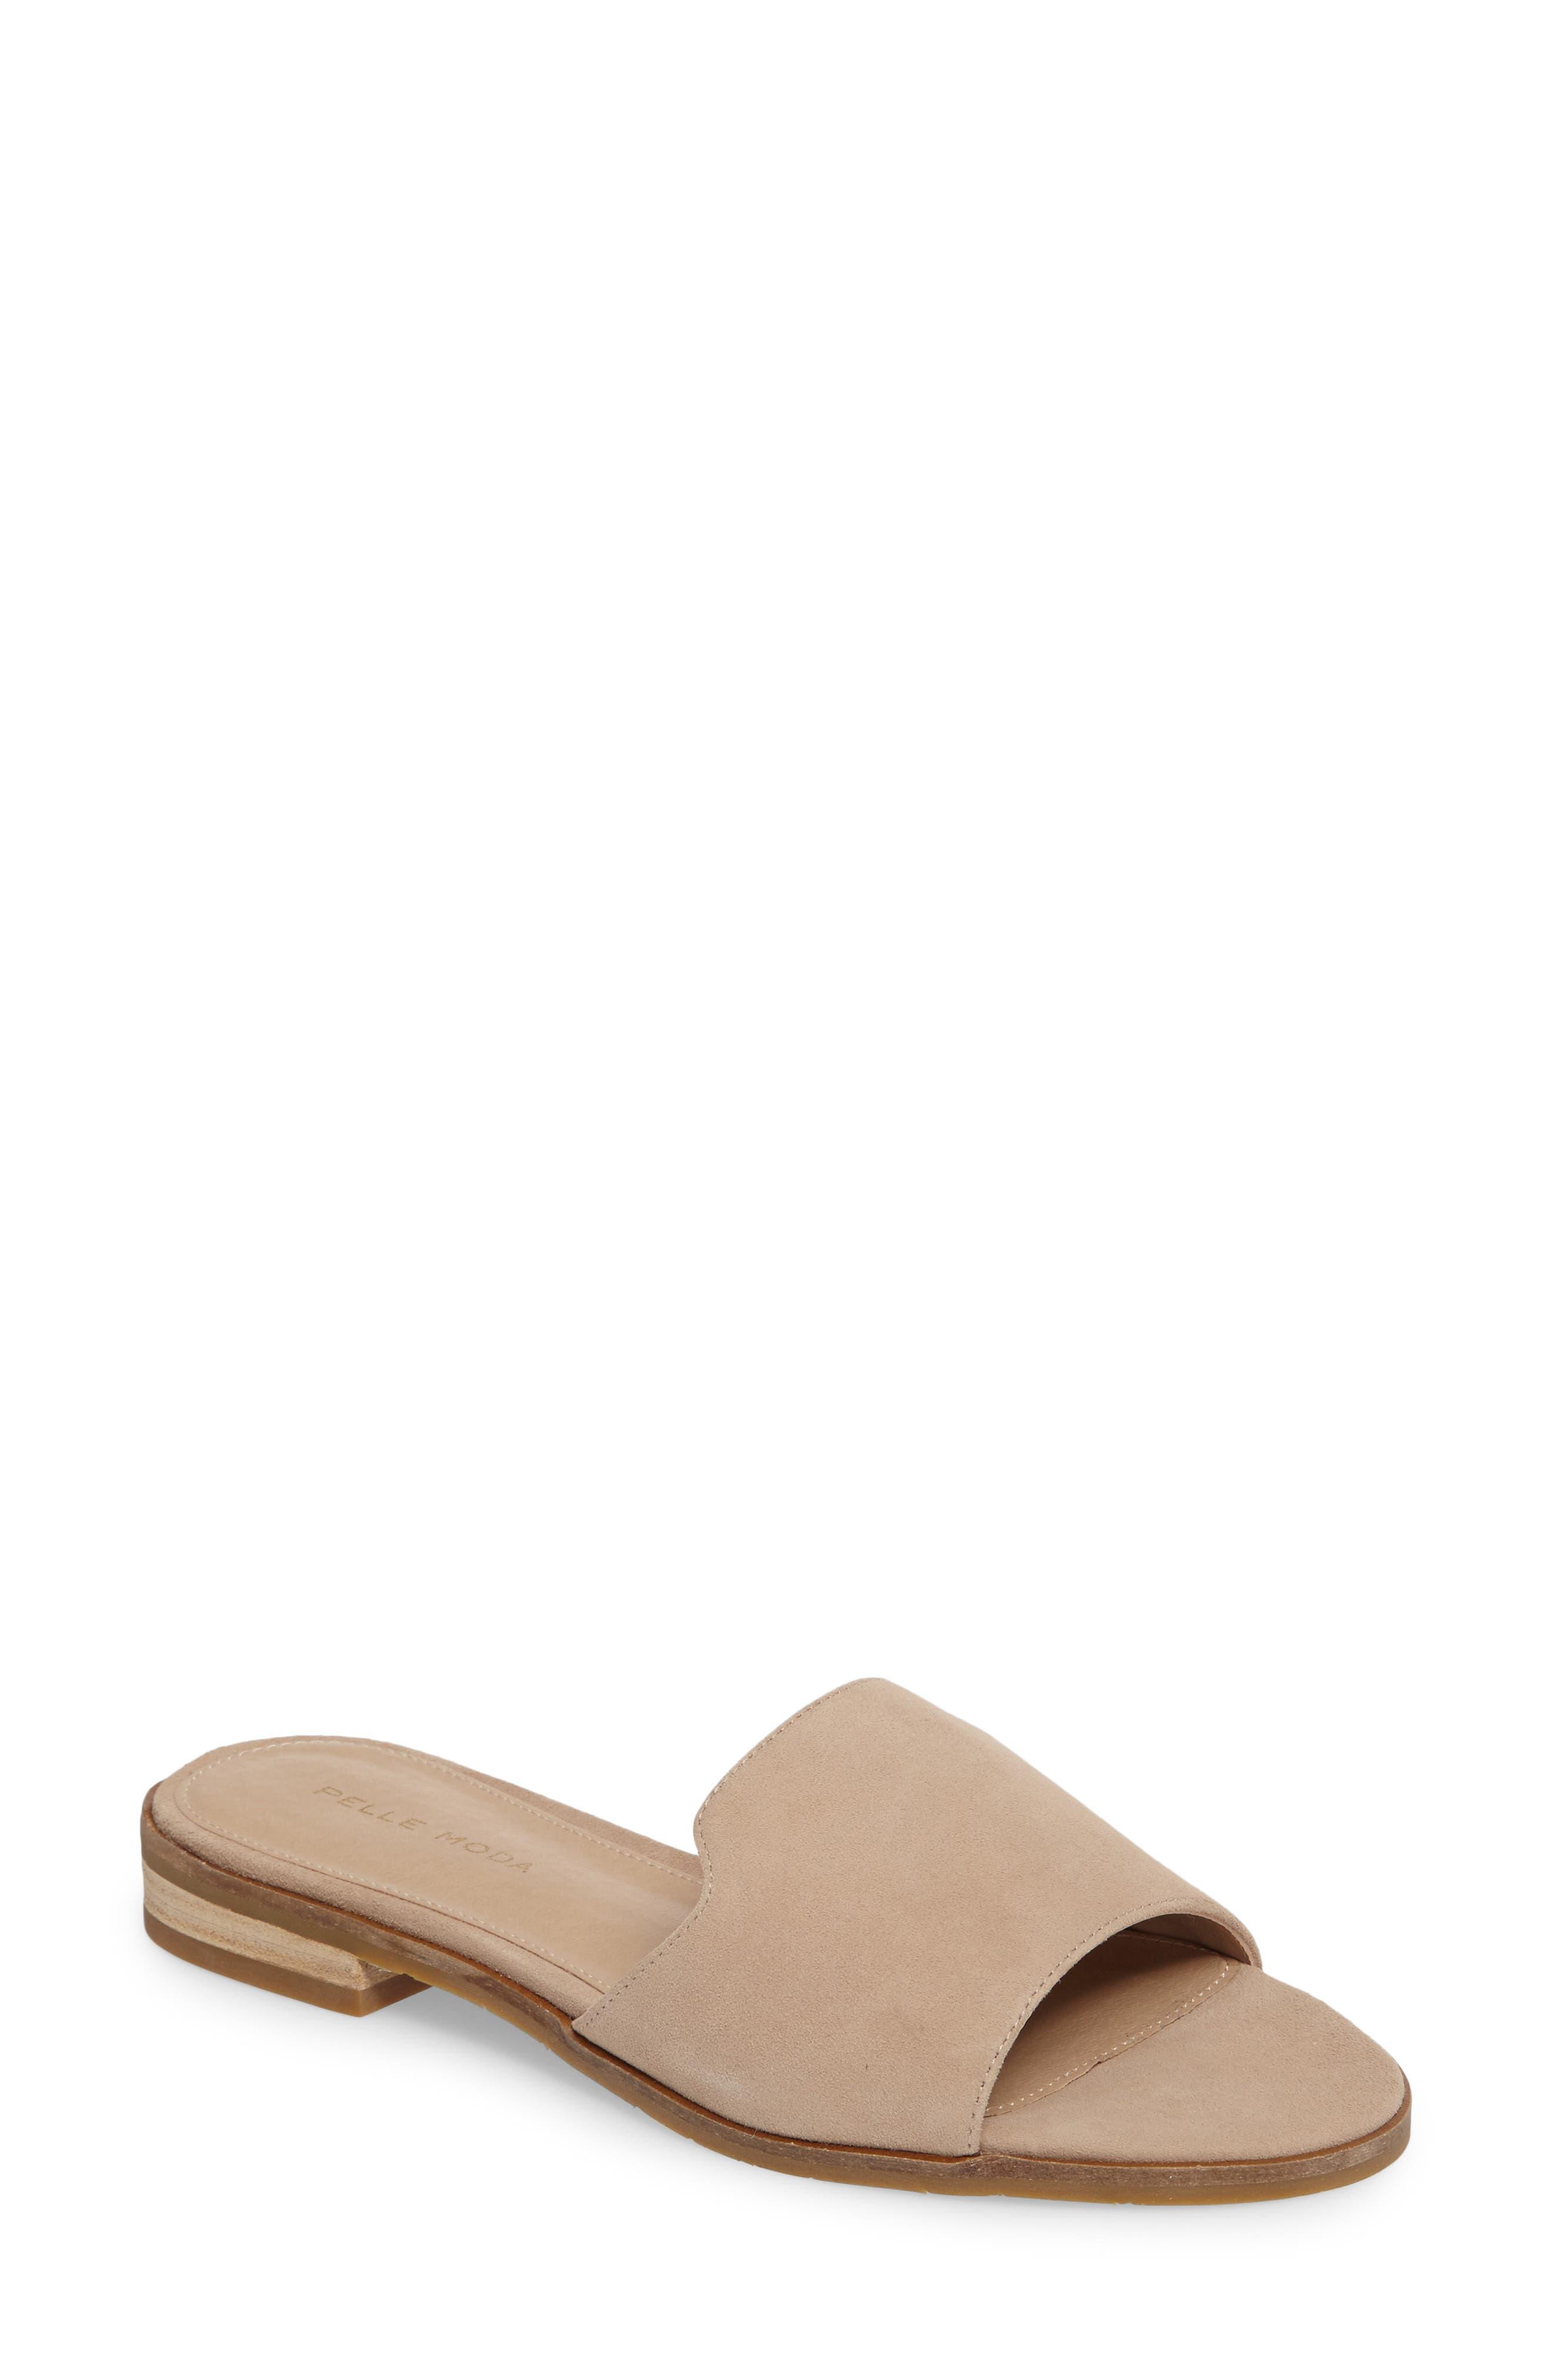 Main Image - Pelle Moda Hailey Slide Sandal (Women)